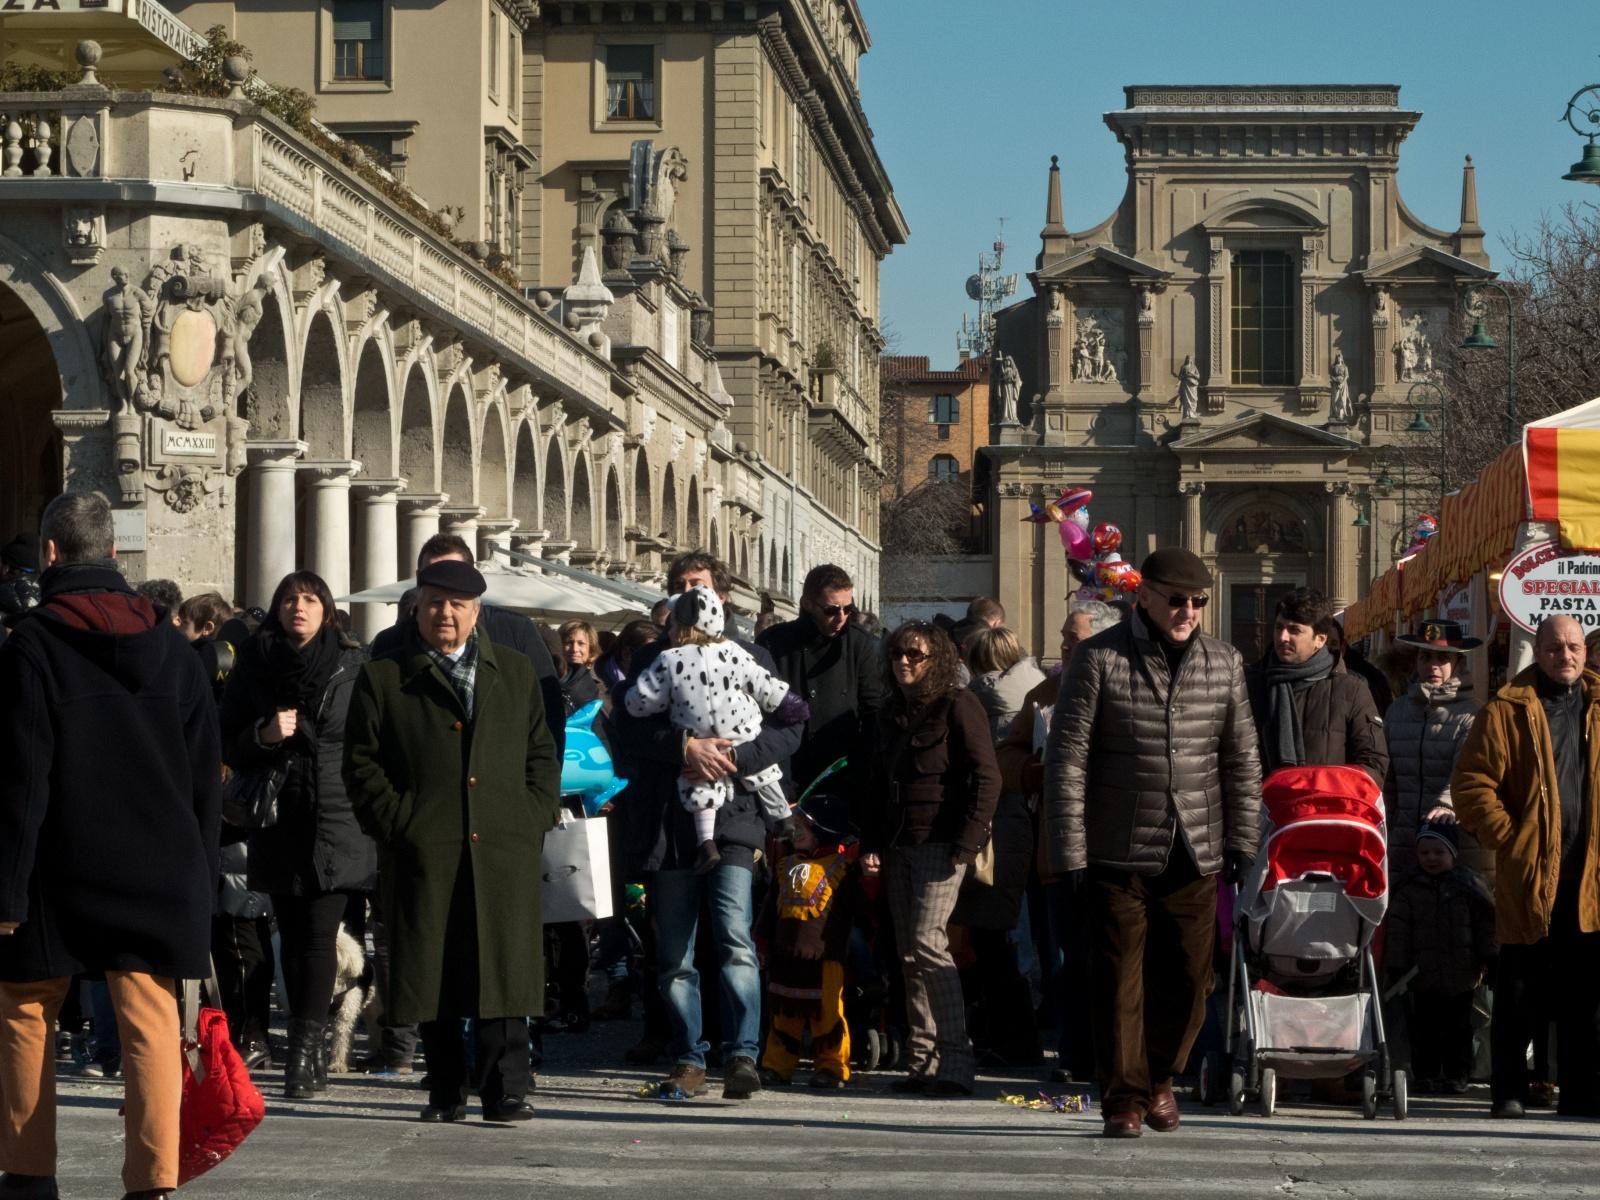 Arlecchino | Carnevale Bergamo 2013